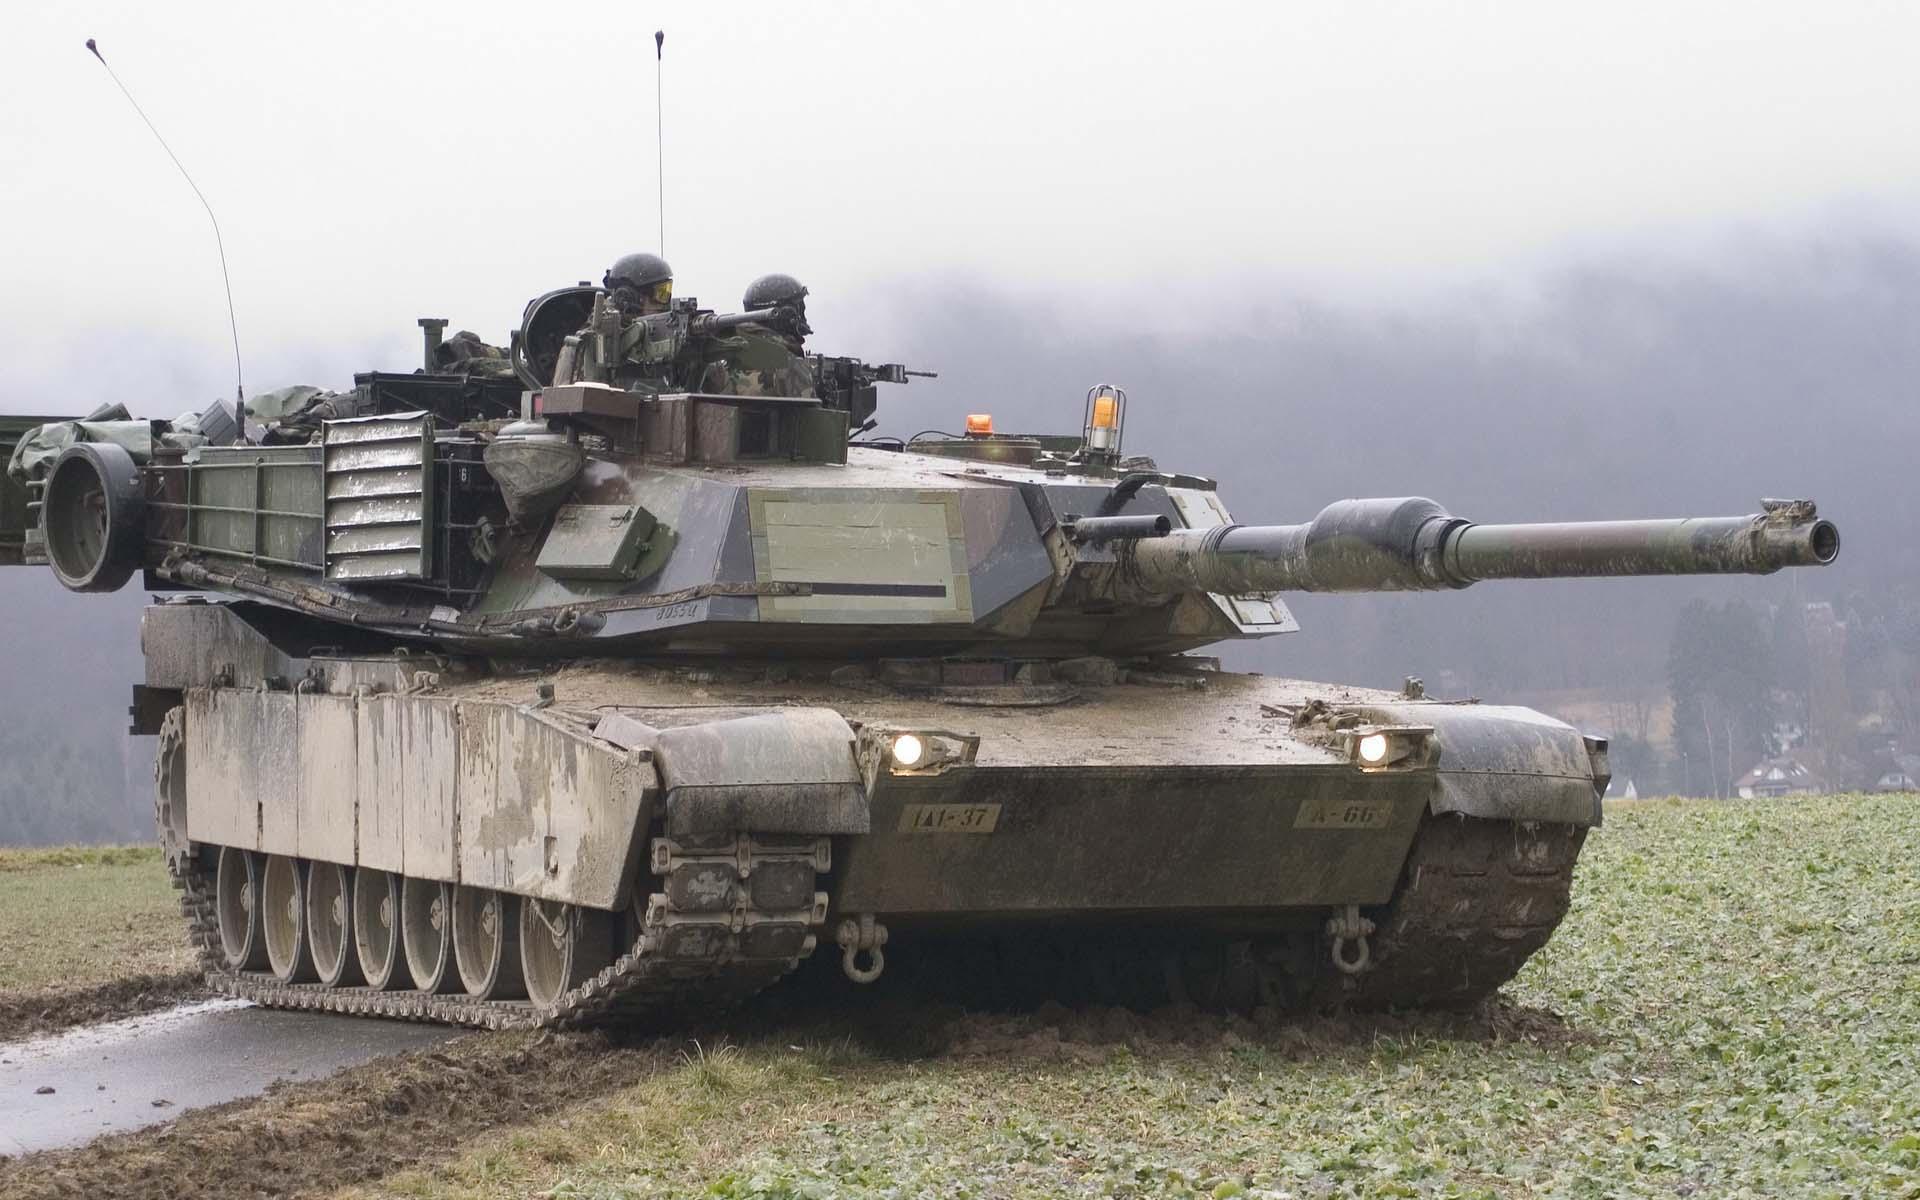 U.S. Army. Abrams